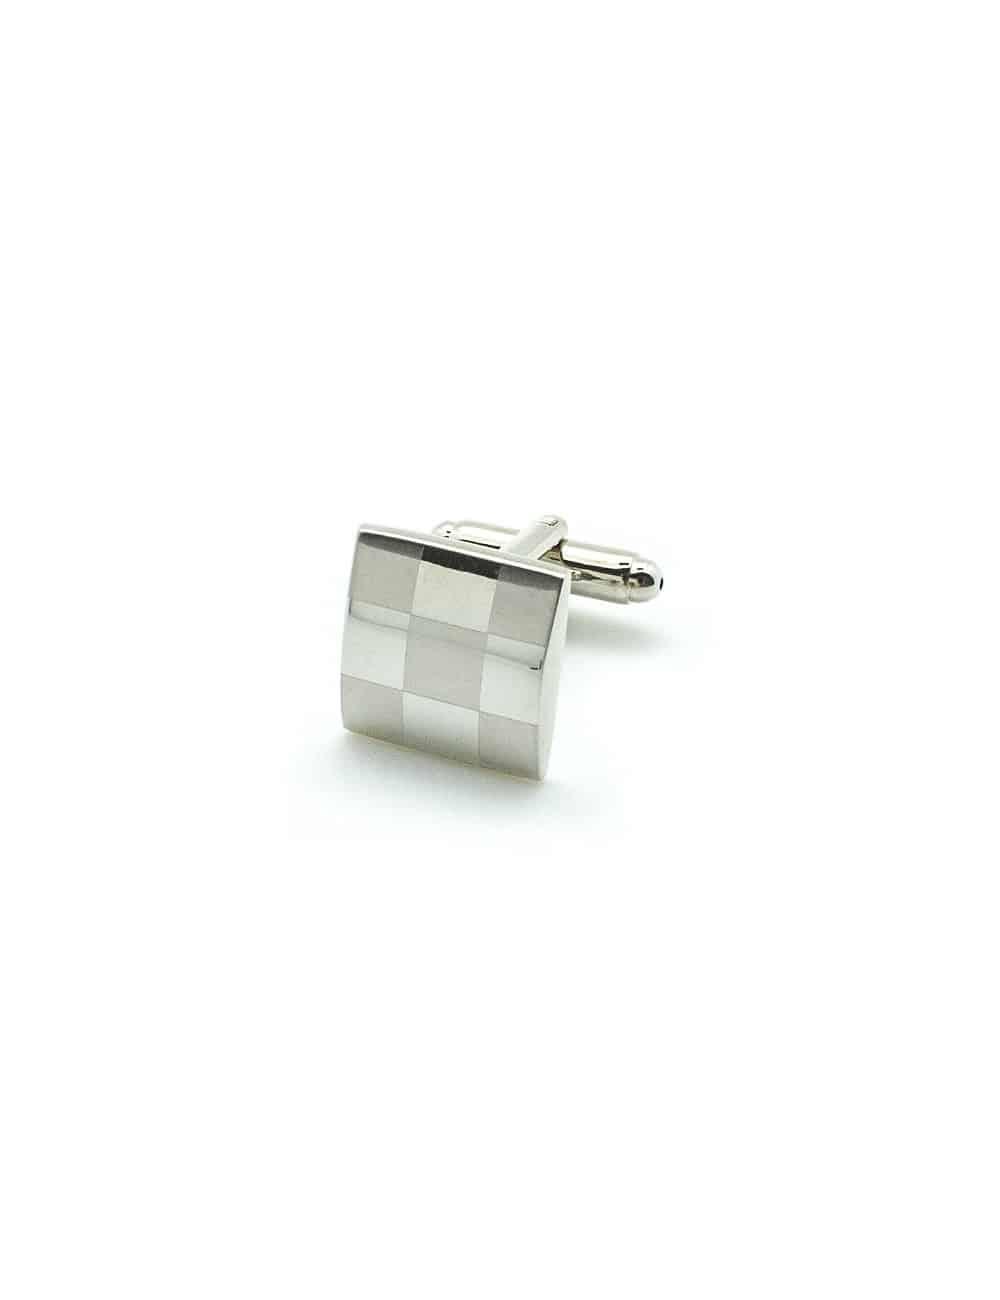 Classic Silver Square Check Cufflink C101FC-053